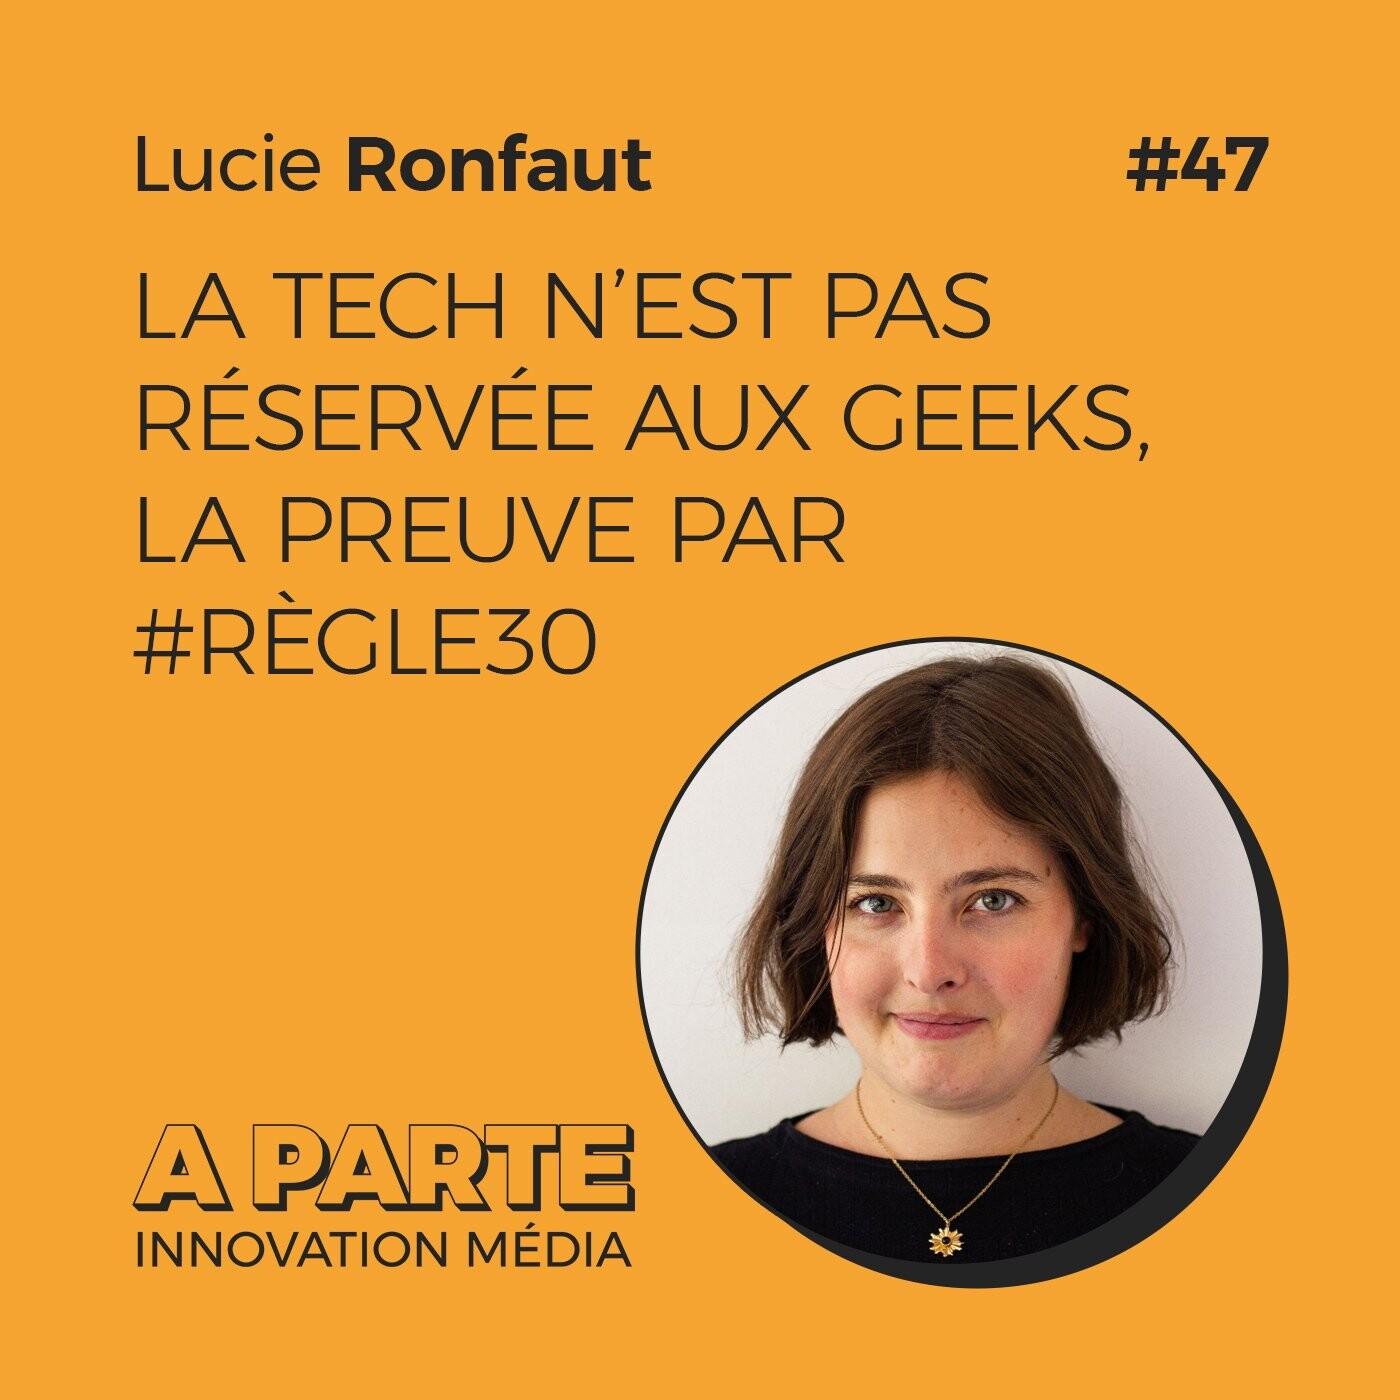 La tech n'est pas réservée aux geeks, la preuve par #Règle30, avec Lucie Ronfaut